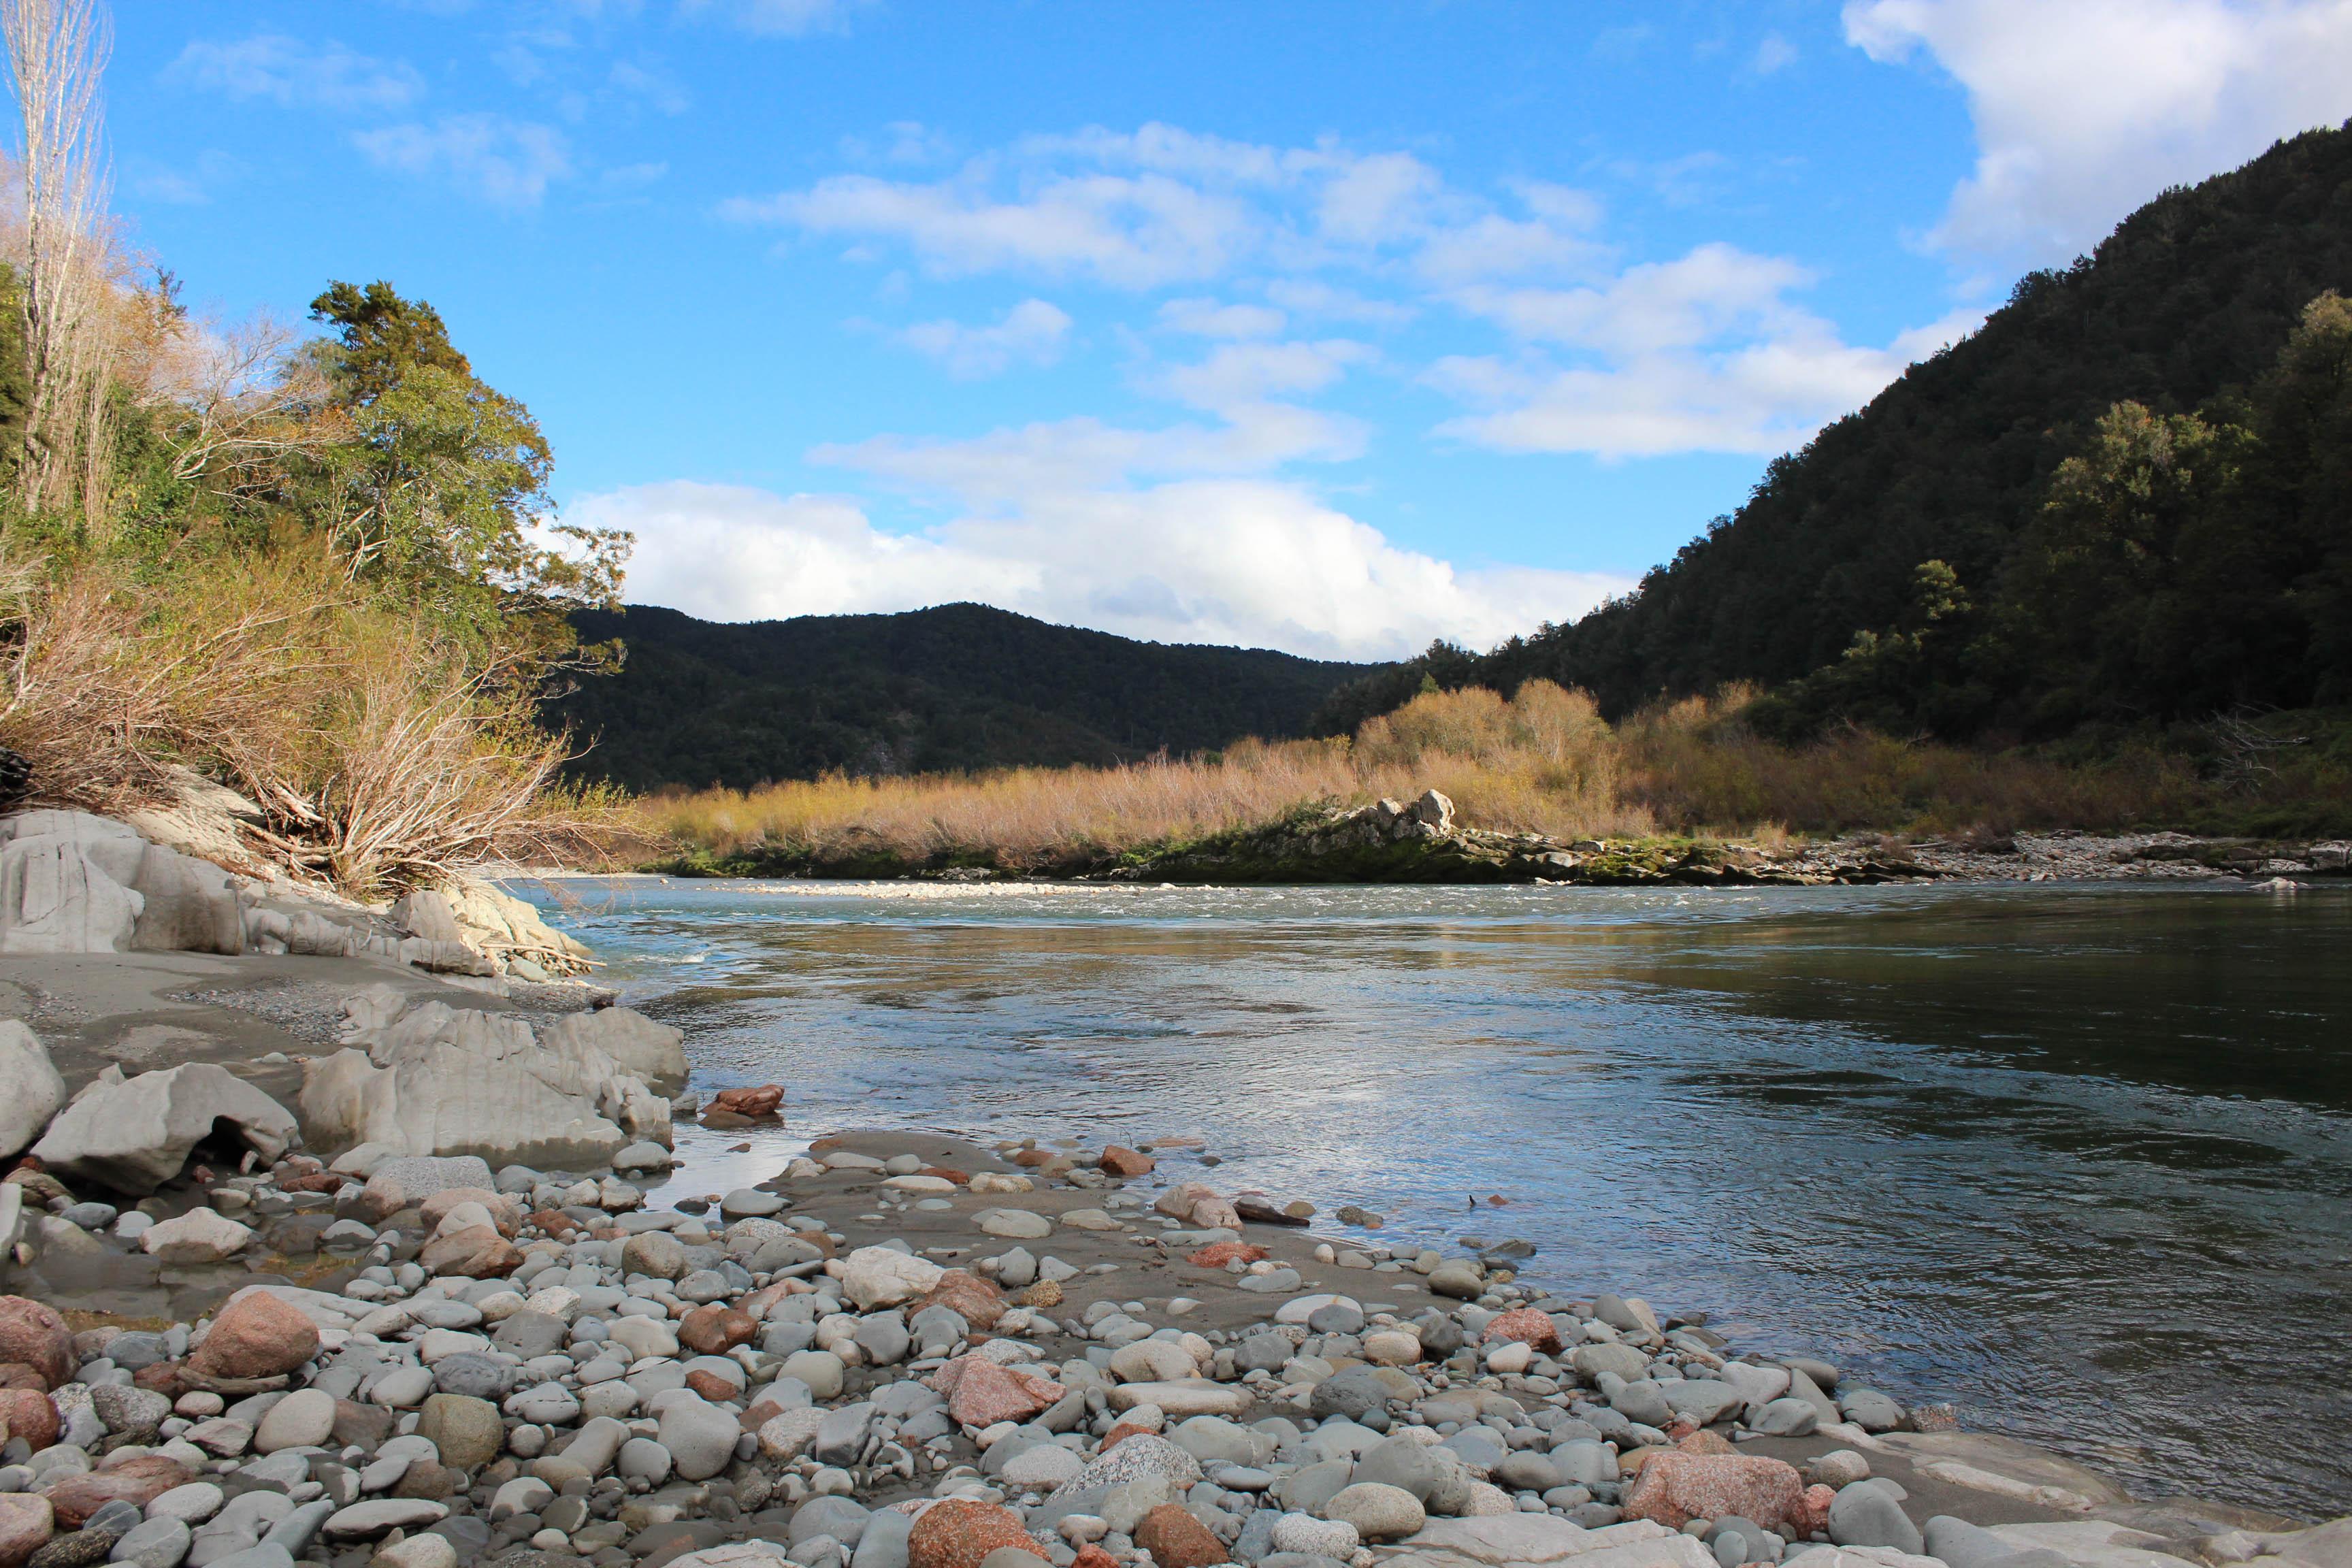 Nouvelle Zélande - Nelson & buller gorge swingbridge - les lubies de Louise (24 sur 42)